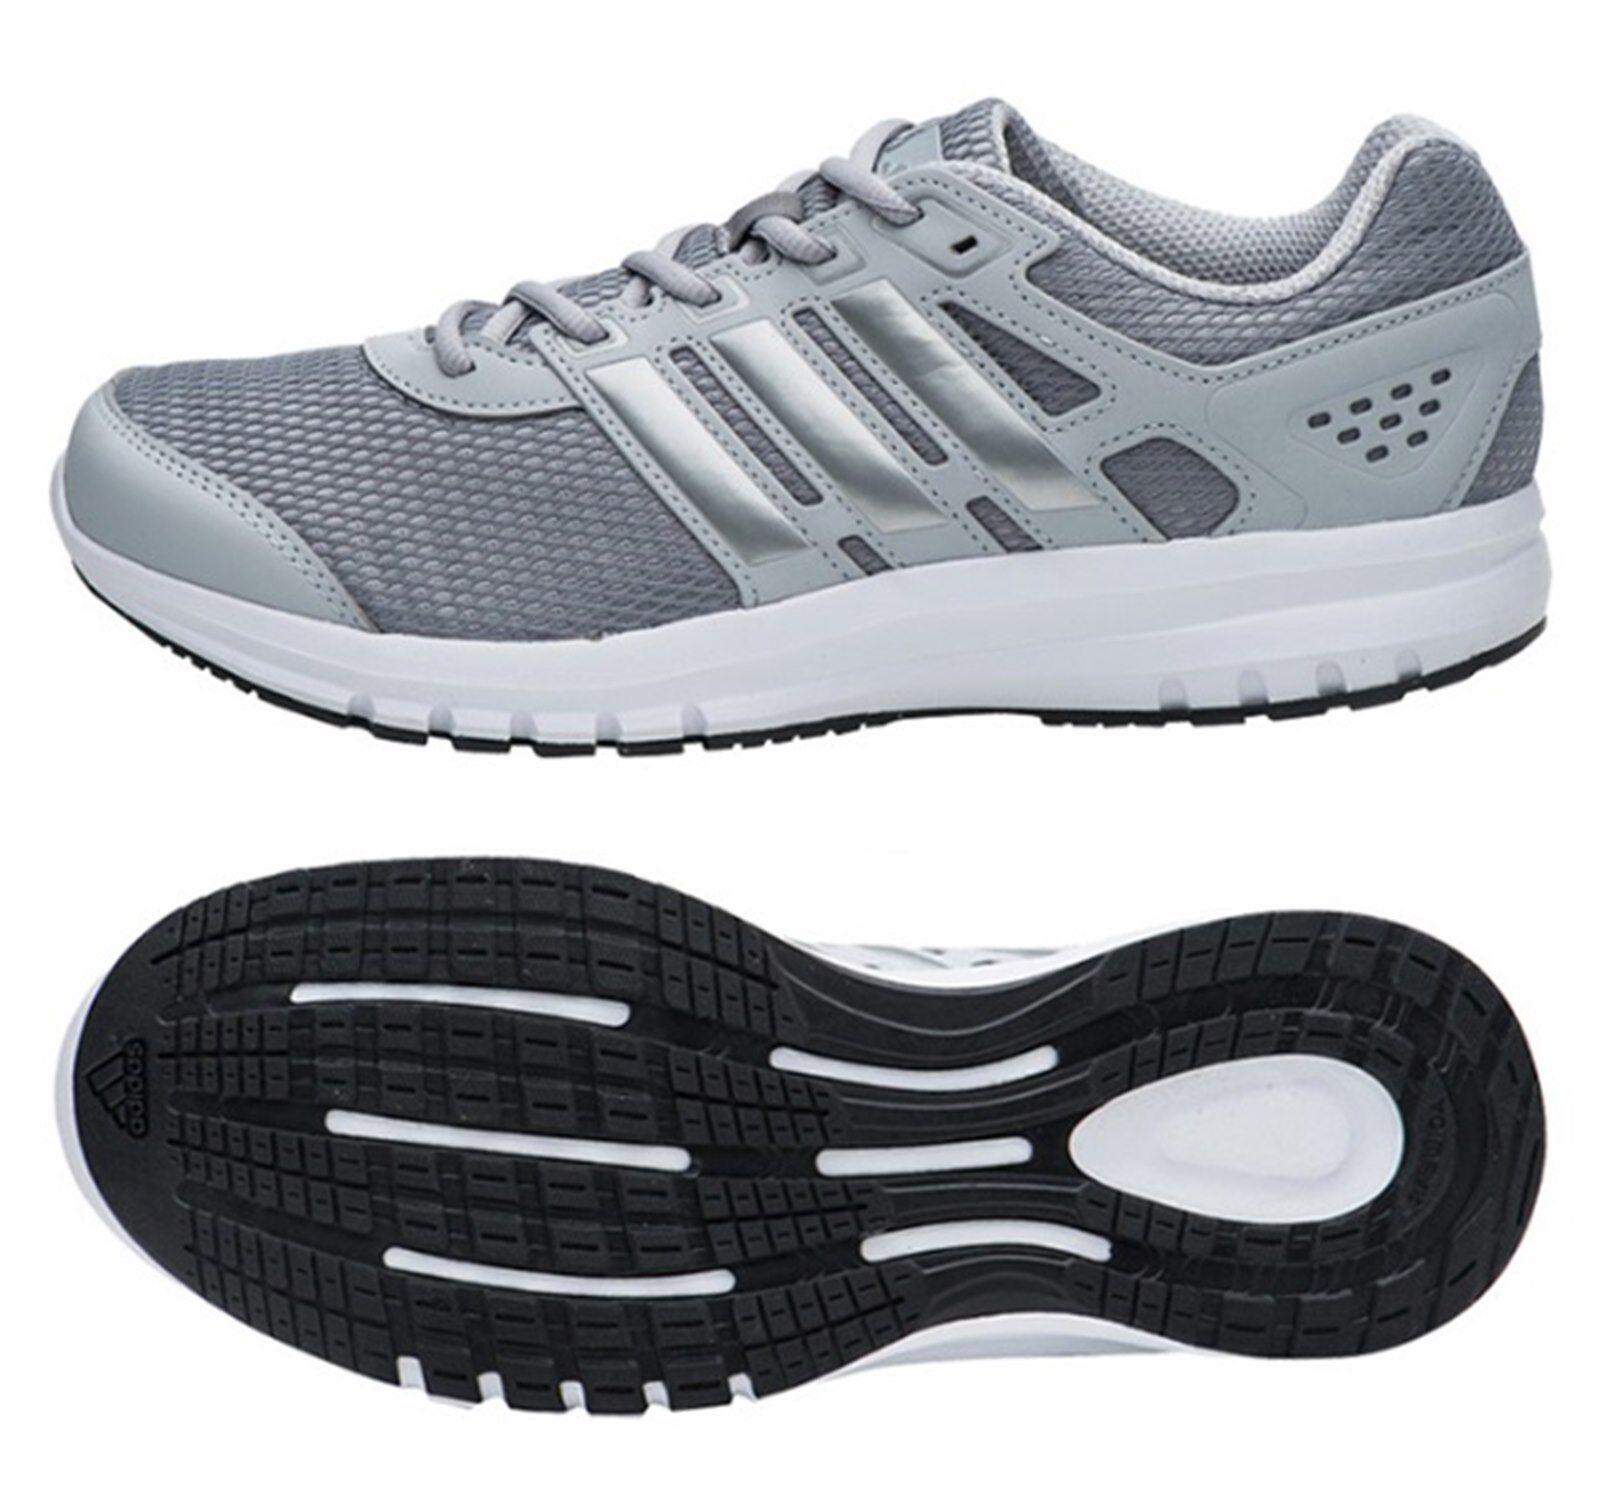 Zapatos De Entrenamiento Adidas Mujer Duramo Lite gris Correr Tenis Deportivas BB0886